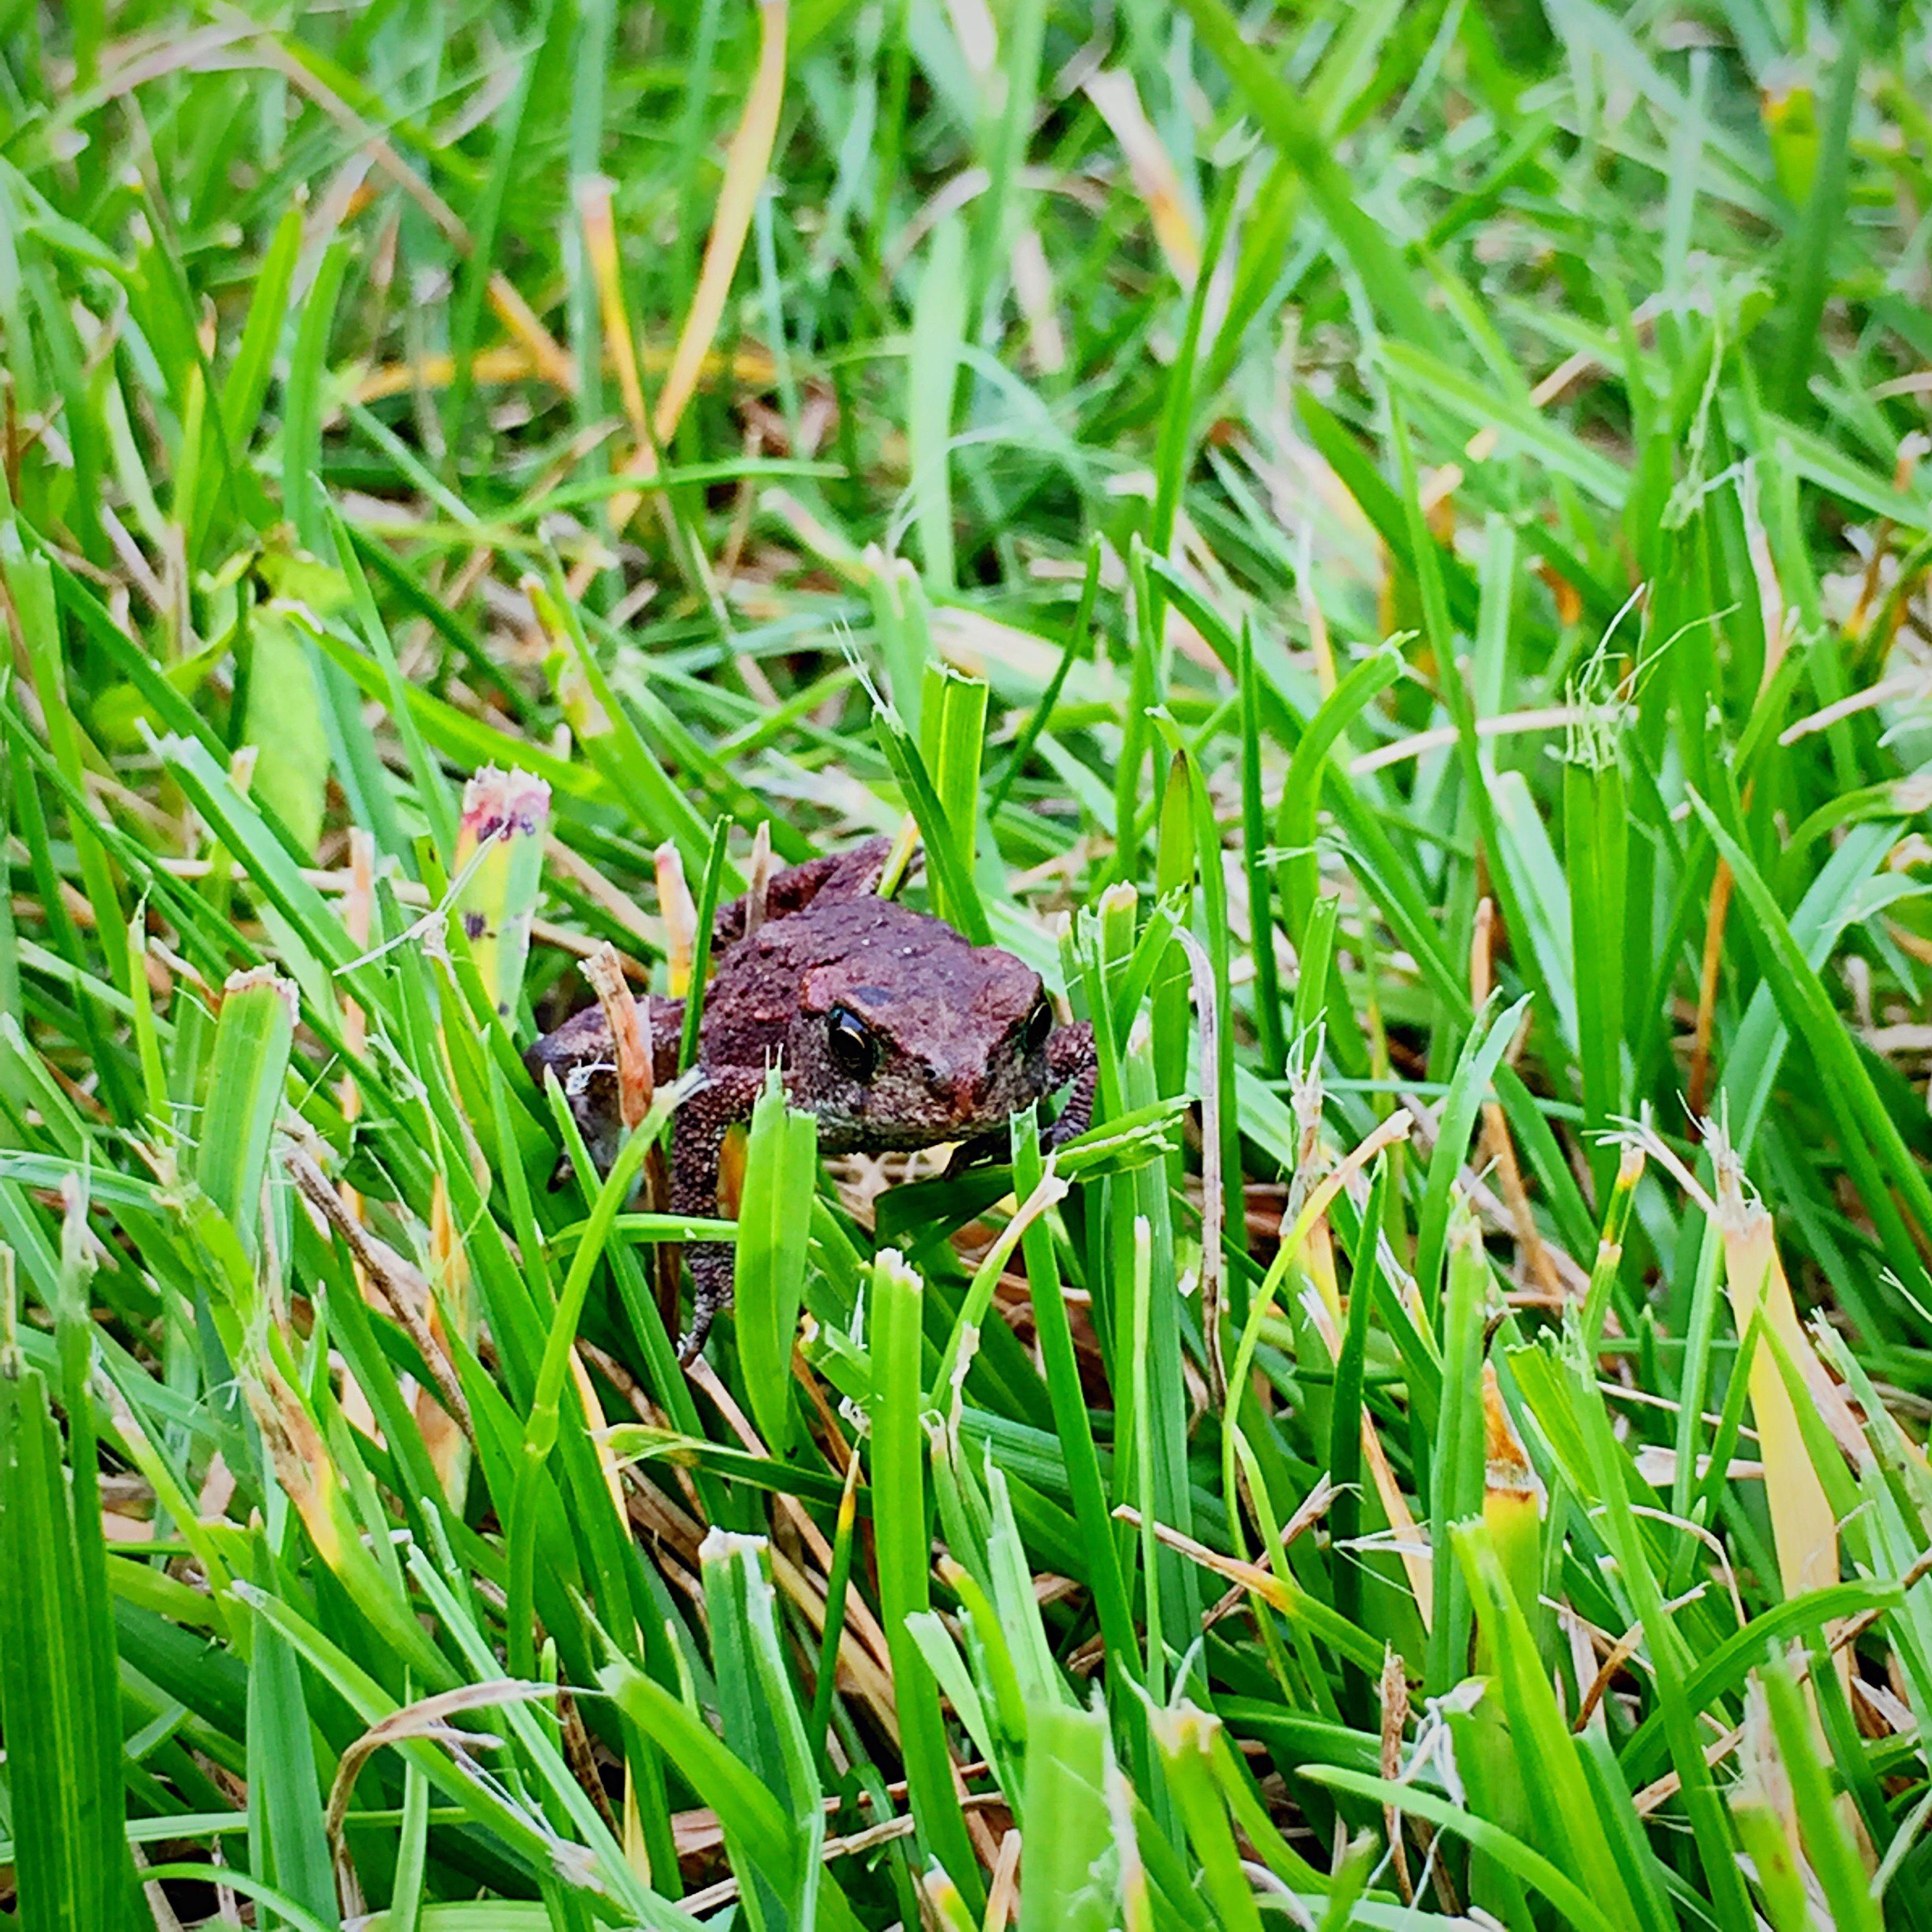 Frog Nesbru Green Grass Nature